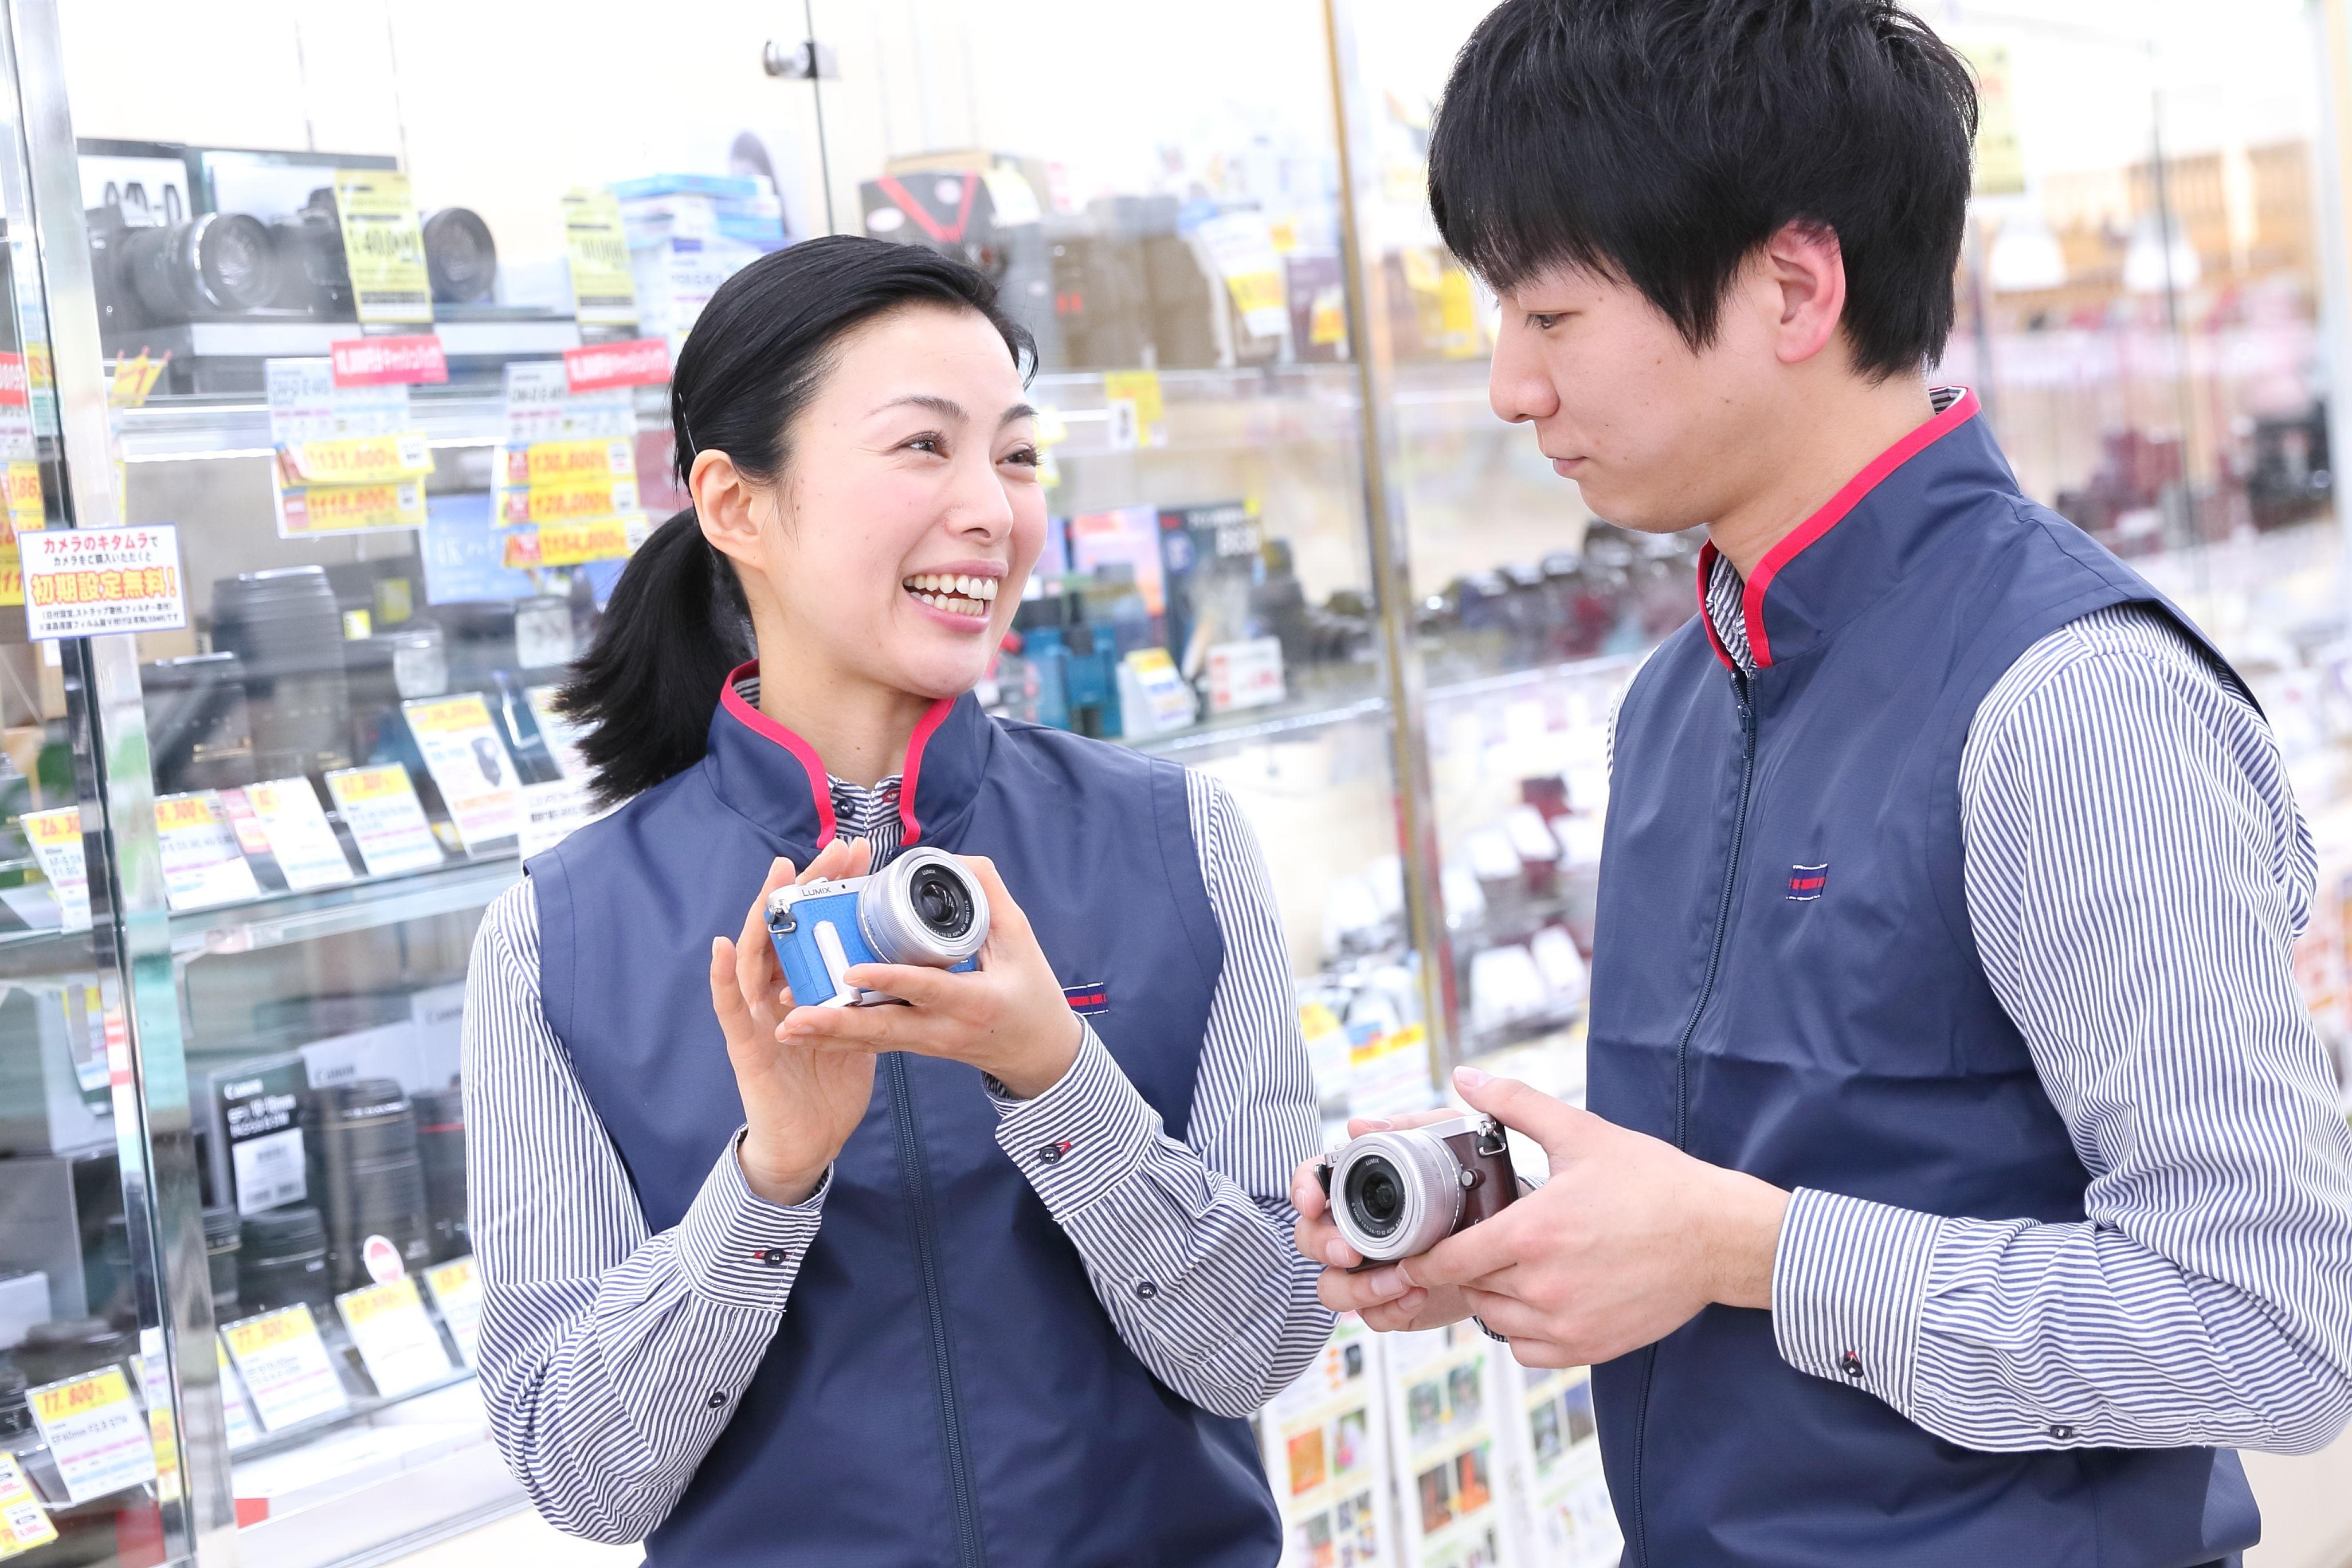 カメラのキタムラ 東京/西武東長崎店 のアルバイト情報